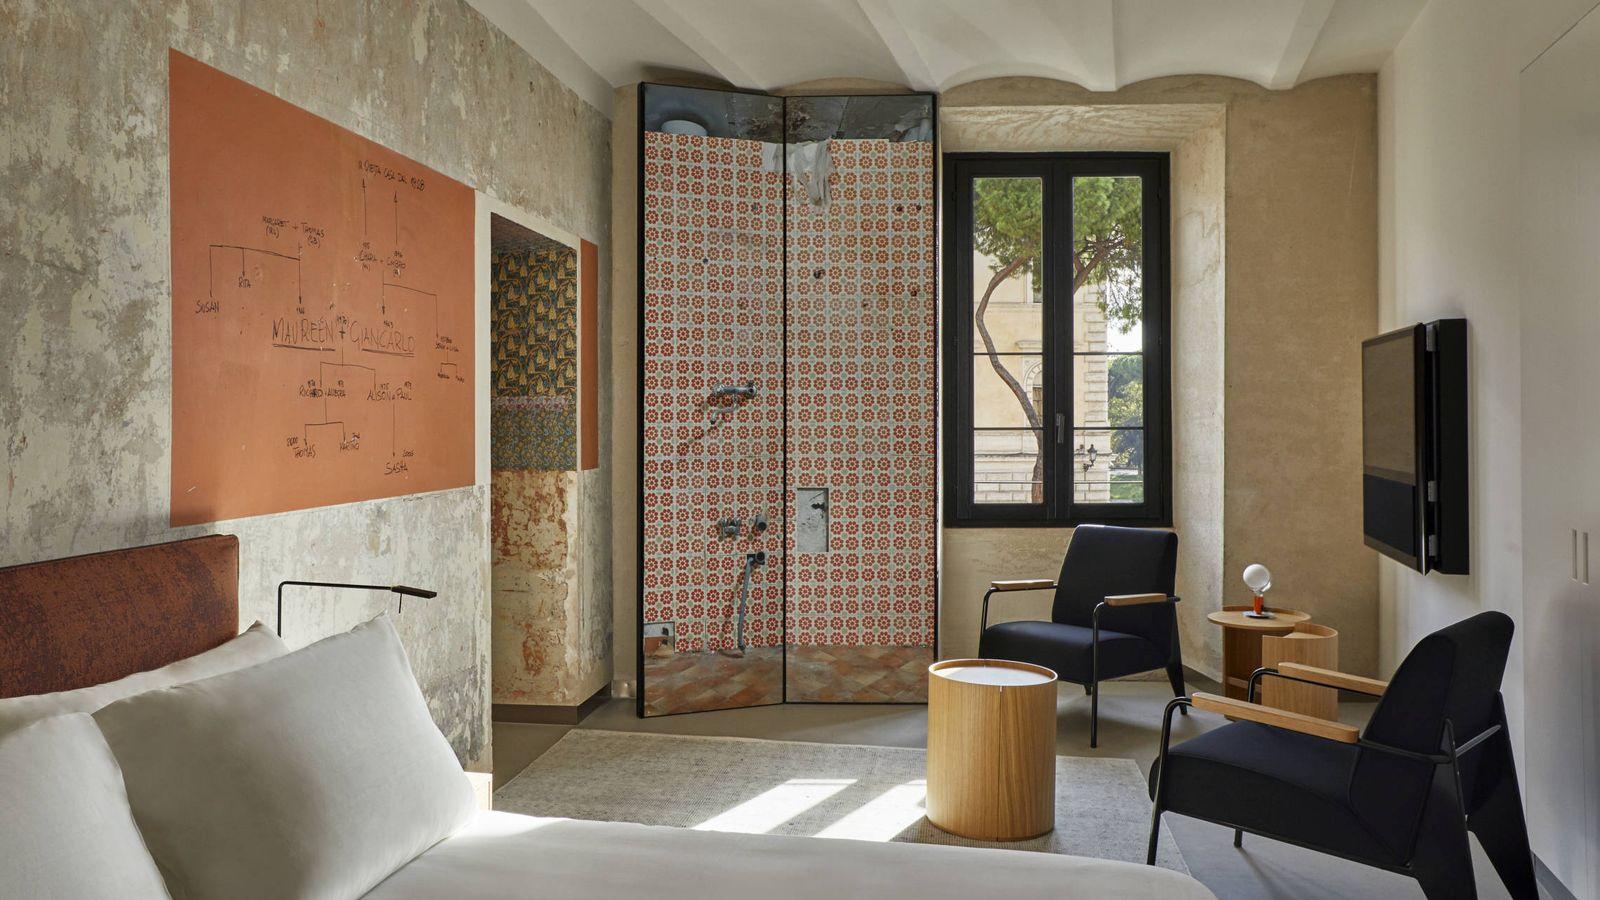 Foto: Interior de uno de los apartamentos de Rooms of Rome diseñados por Jean Nouvel. (Foto: Olga Moreno)